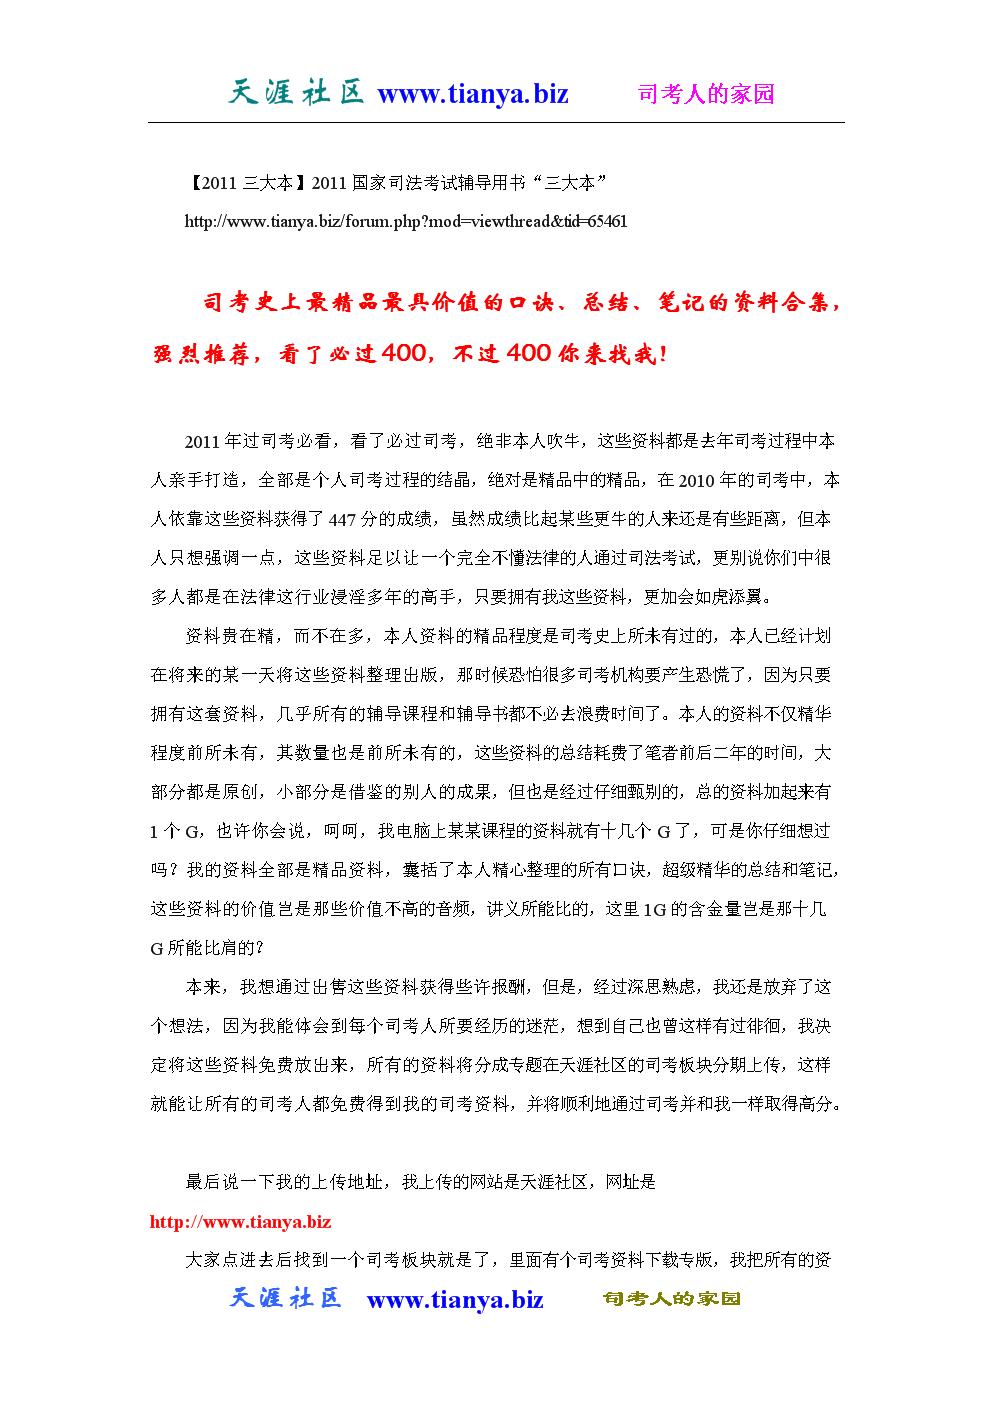 """【2011三大本】2011国家司法考试辅导用书""""三大本"""".doc"""